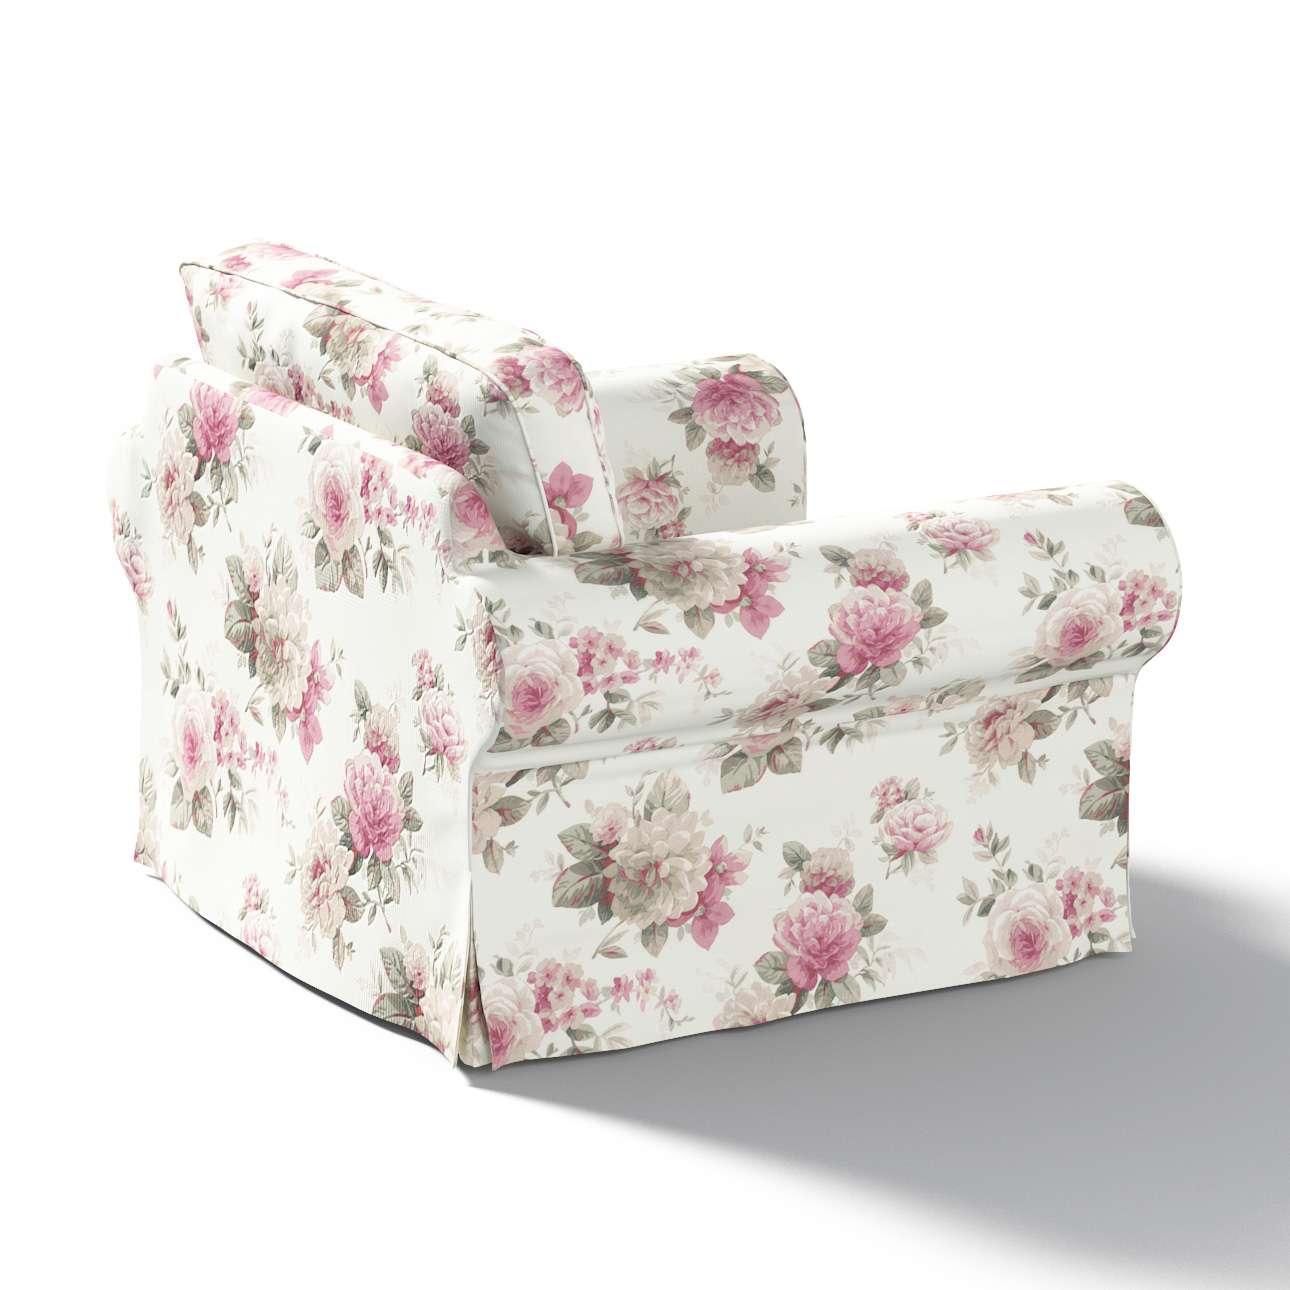 EKTORP fotelio užvalkalas Ektorp fotelio užvalkalas kolekcijoje Mirella, audinys: 141-07